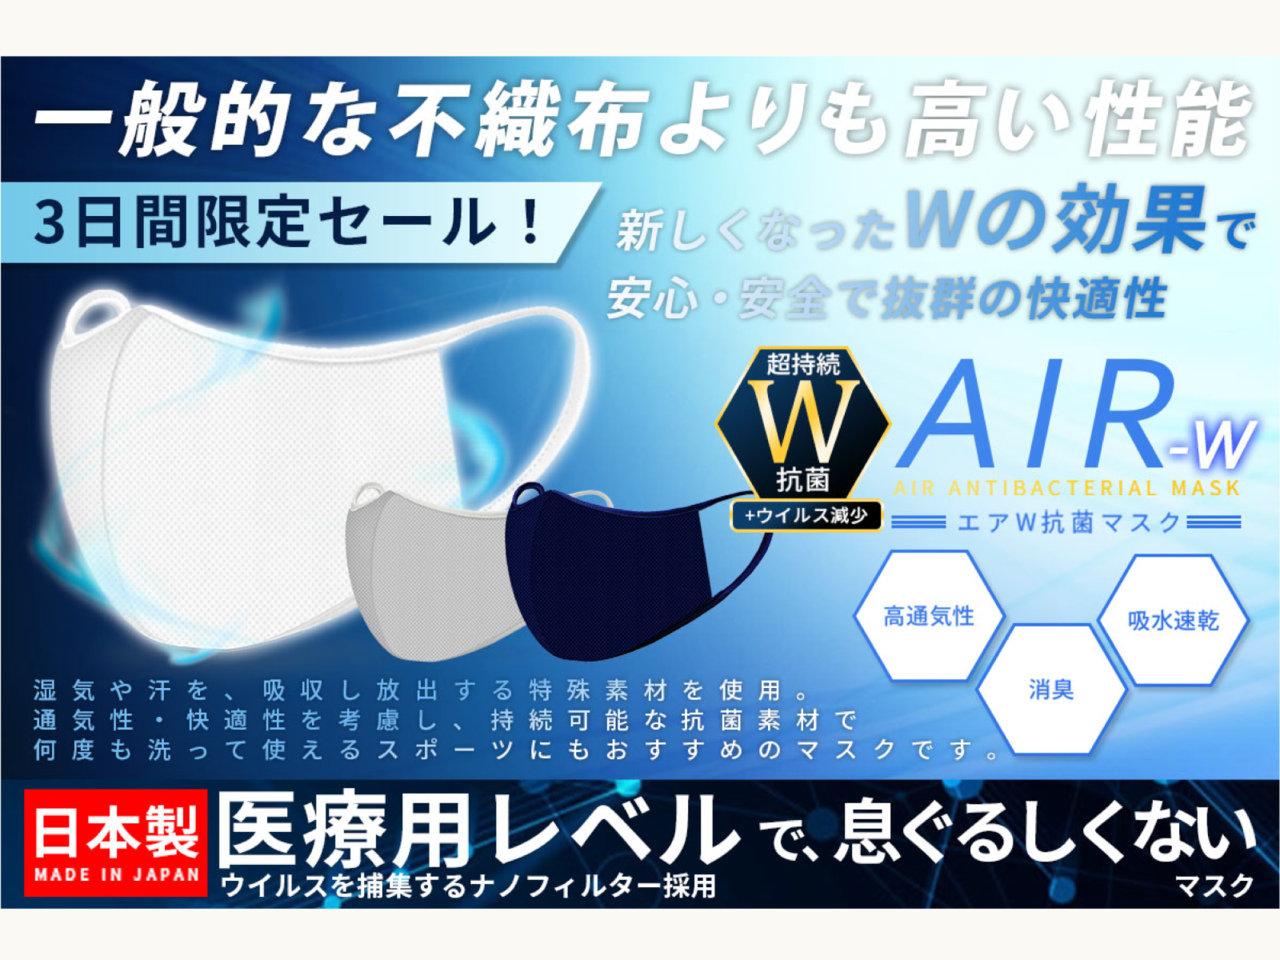 1枚1480円。ナノレベルの捕集力を持つ『エアW抗菌マスク』が期間限定価格で販売中。